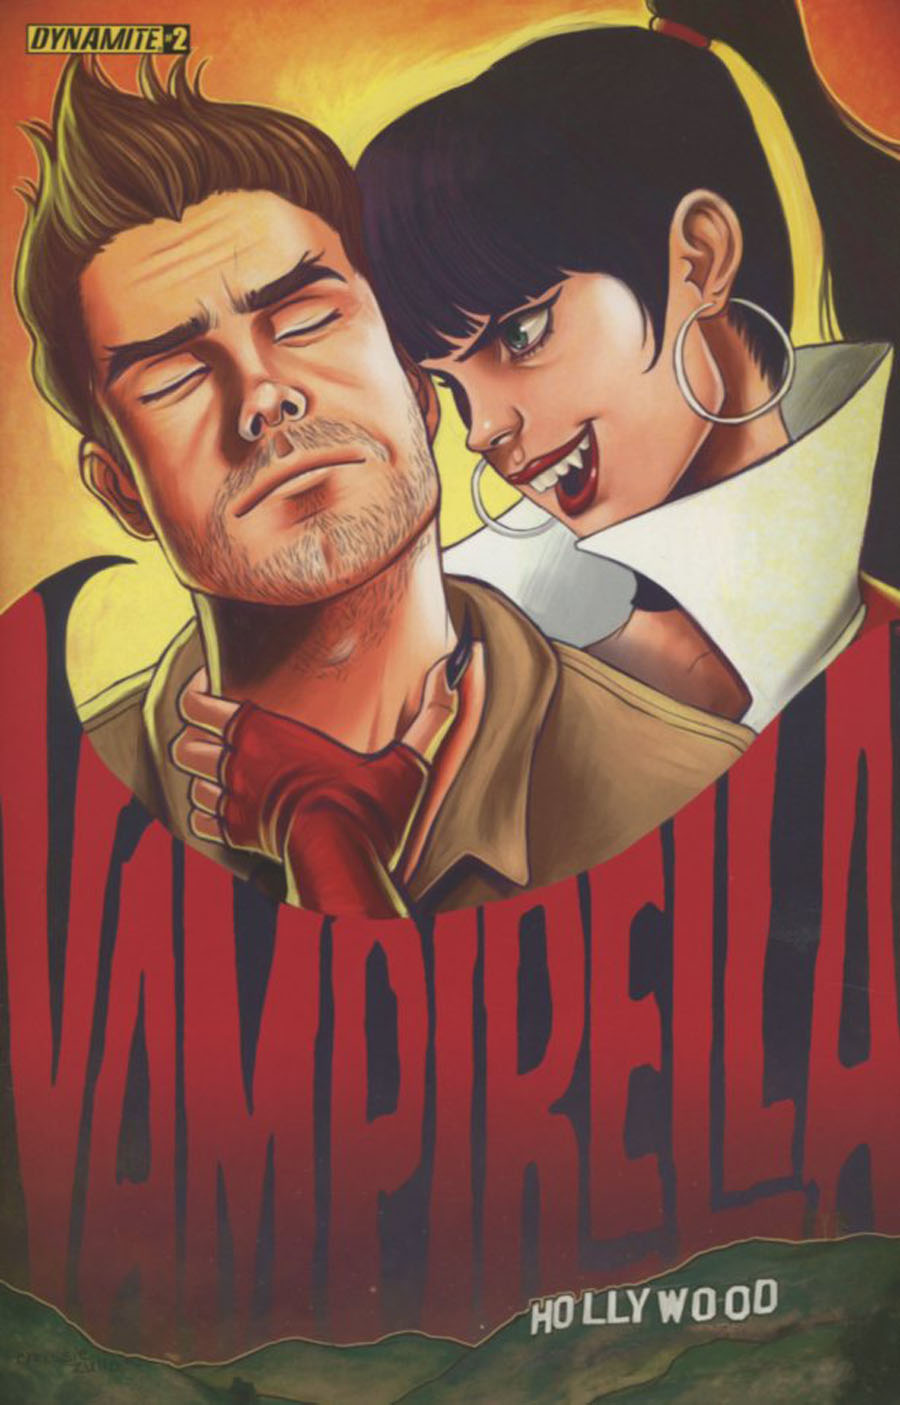 Vampirella Vol 6 #2 Cover A Regular Chrissie Zullo Cover